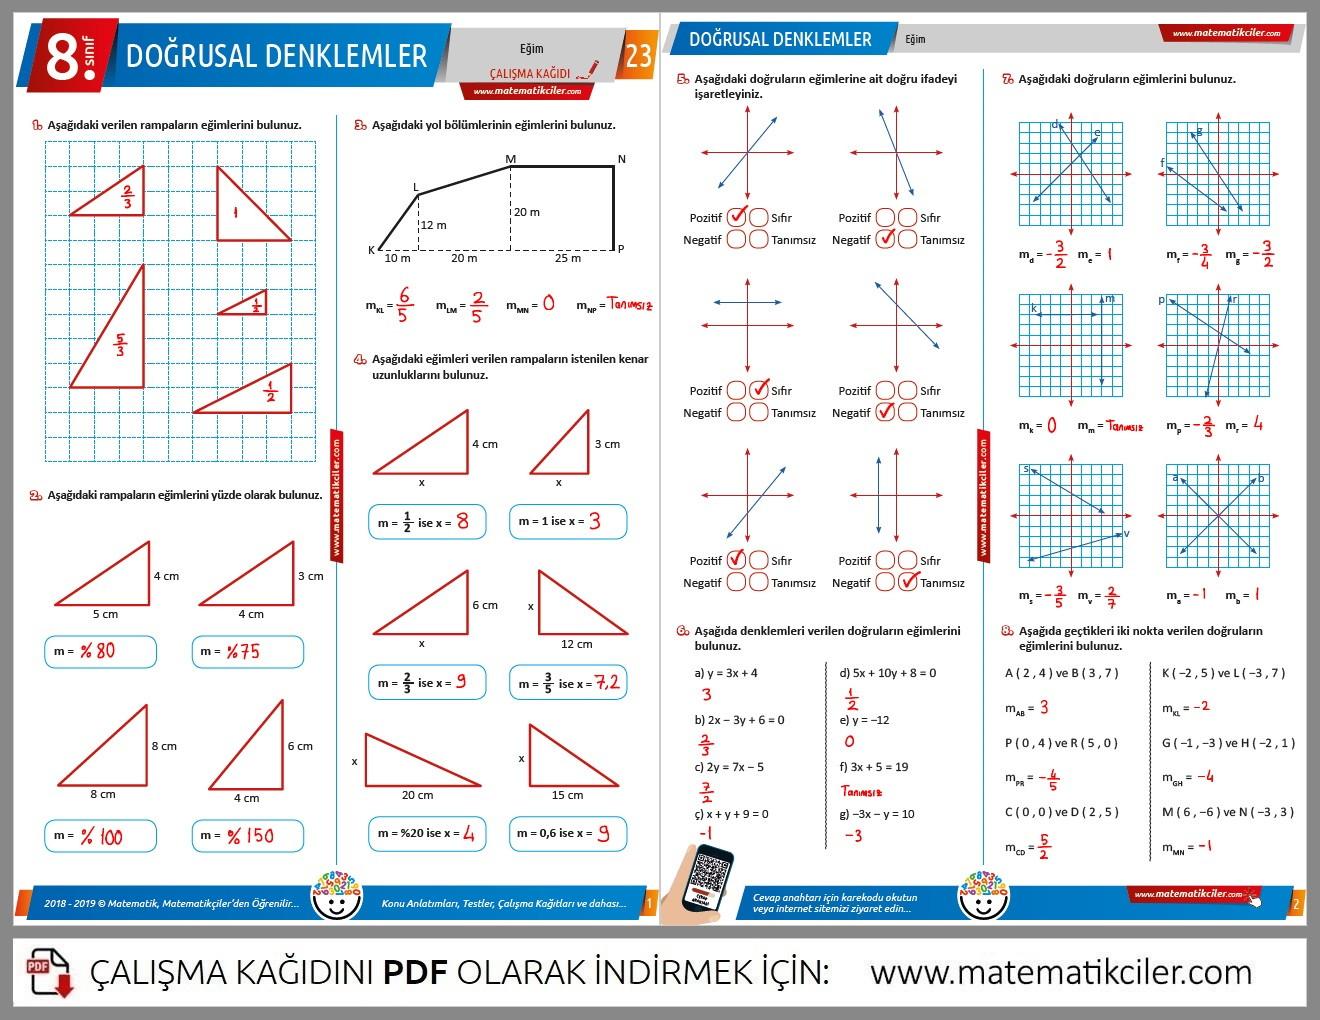 8 Sinif Pdf Matematik Calisma Kagitlarinin Cevaplari